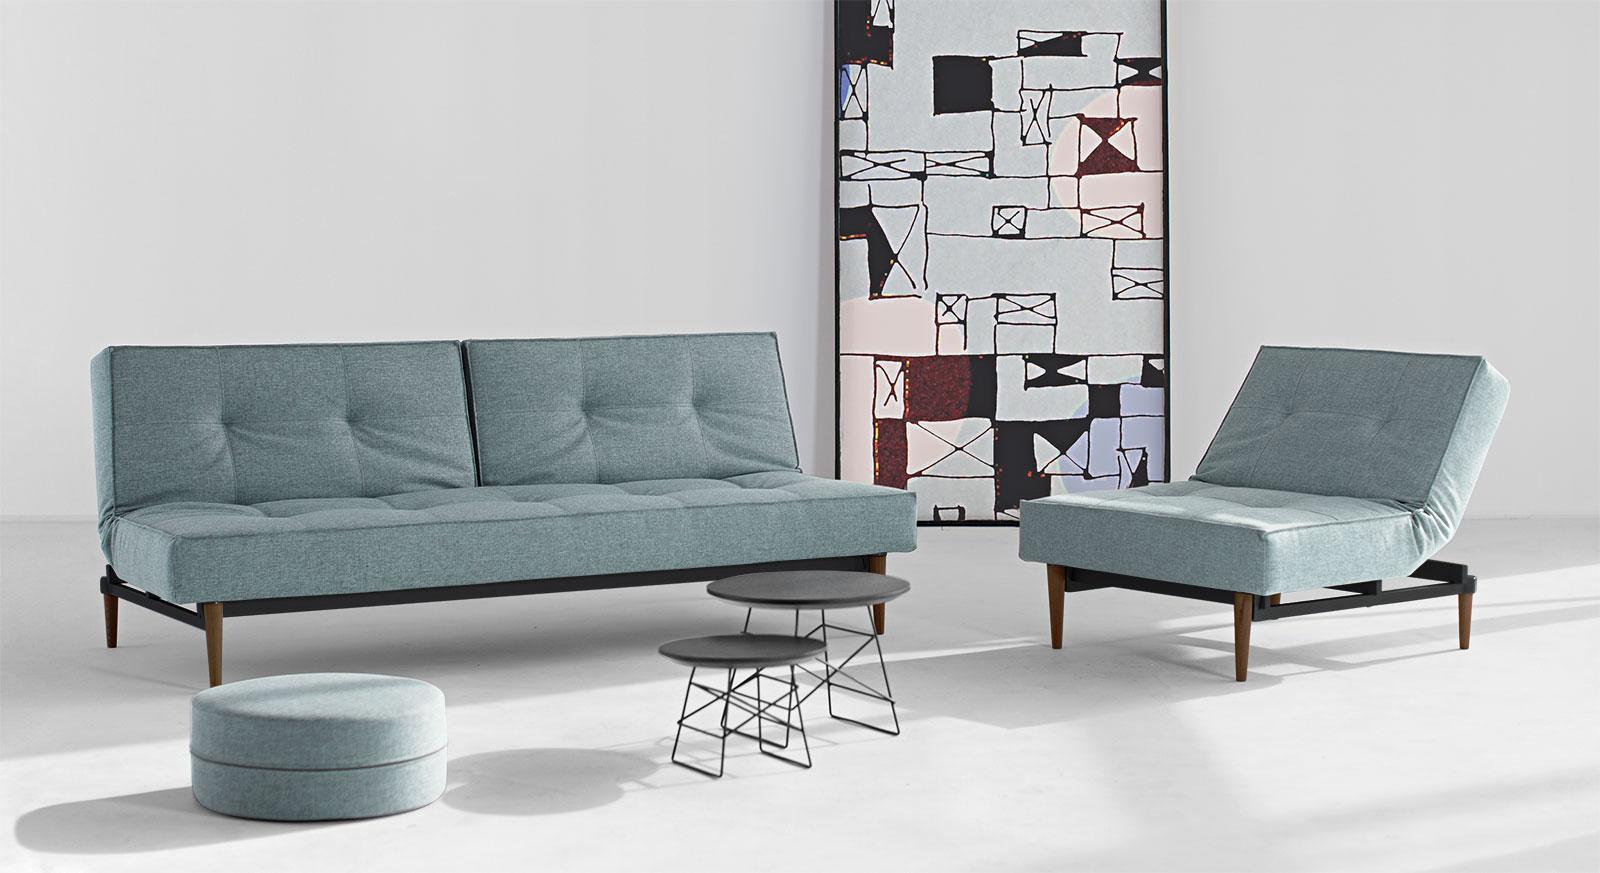 Wunderbar Couch Hellblau Beste Wahl Schlafsofa Walton In Mit Passenden Produkten